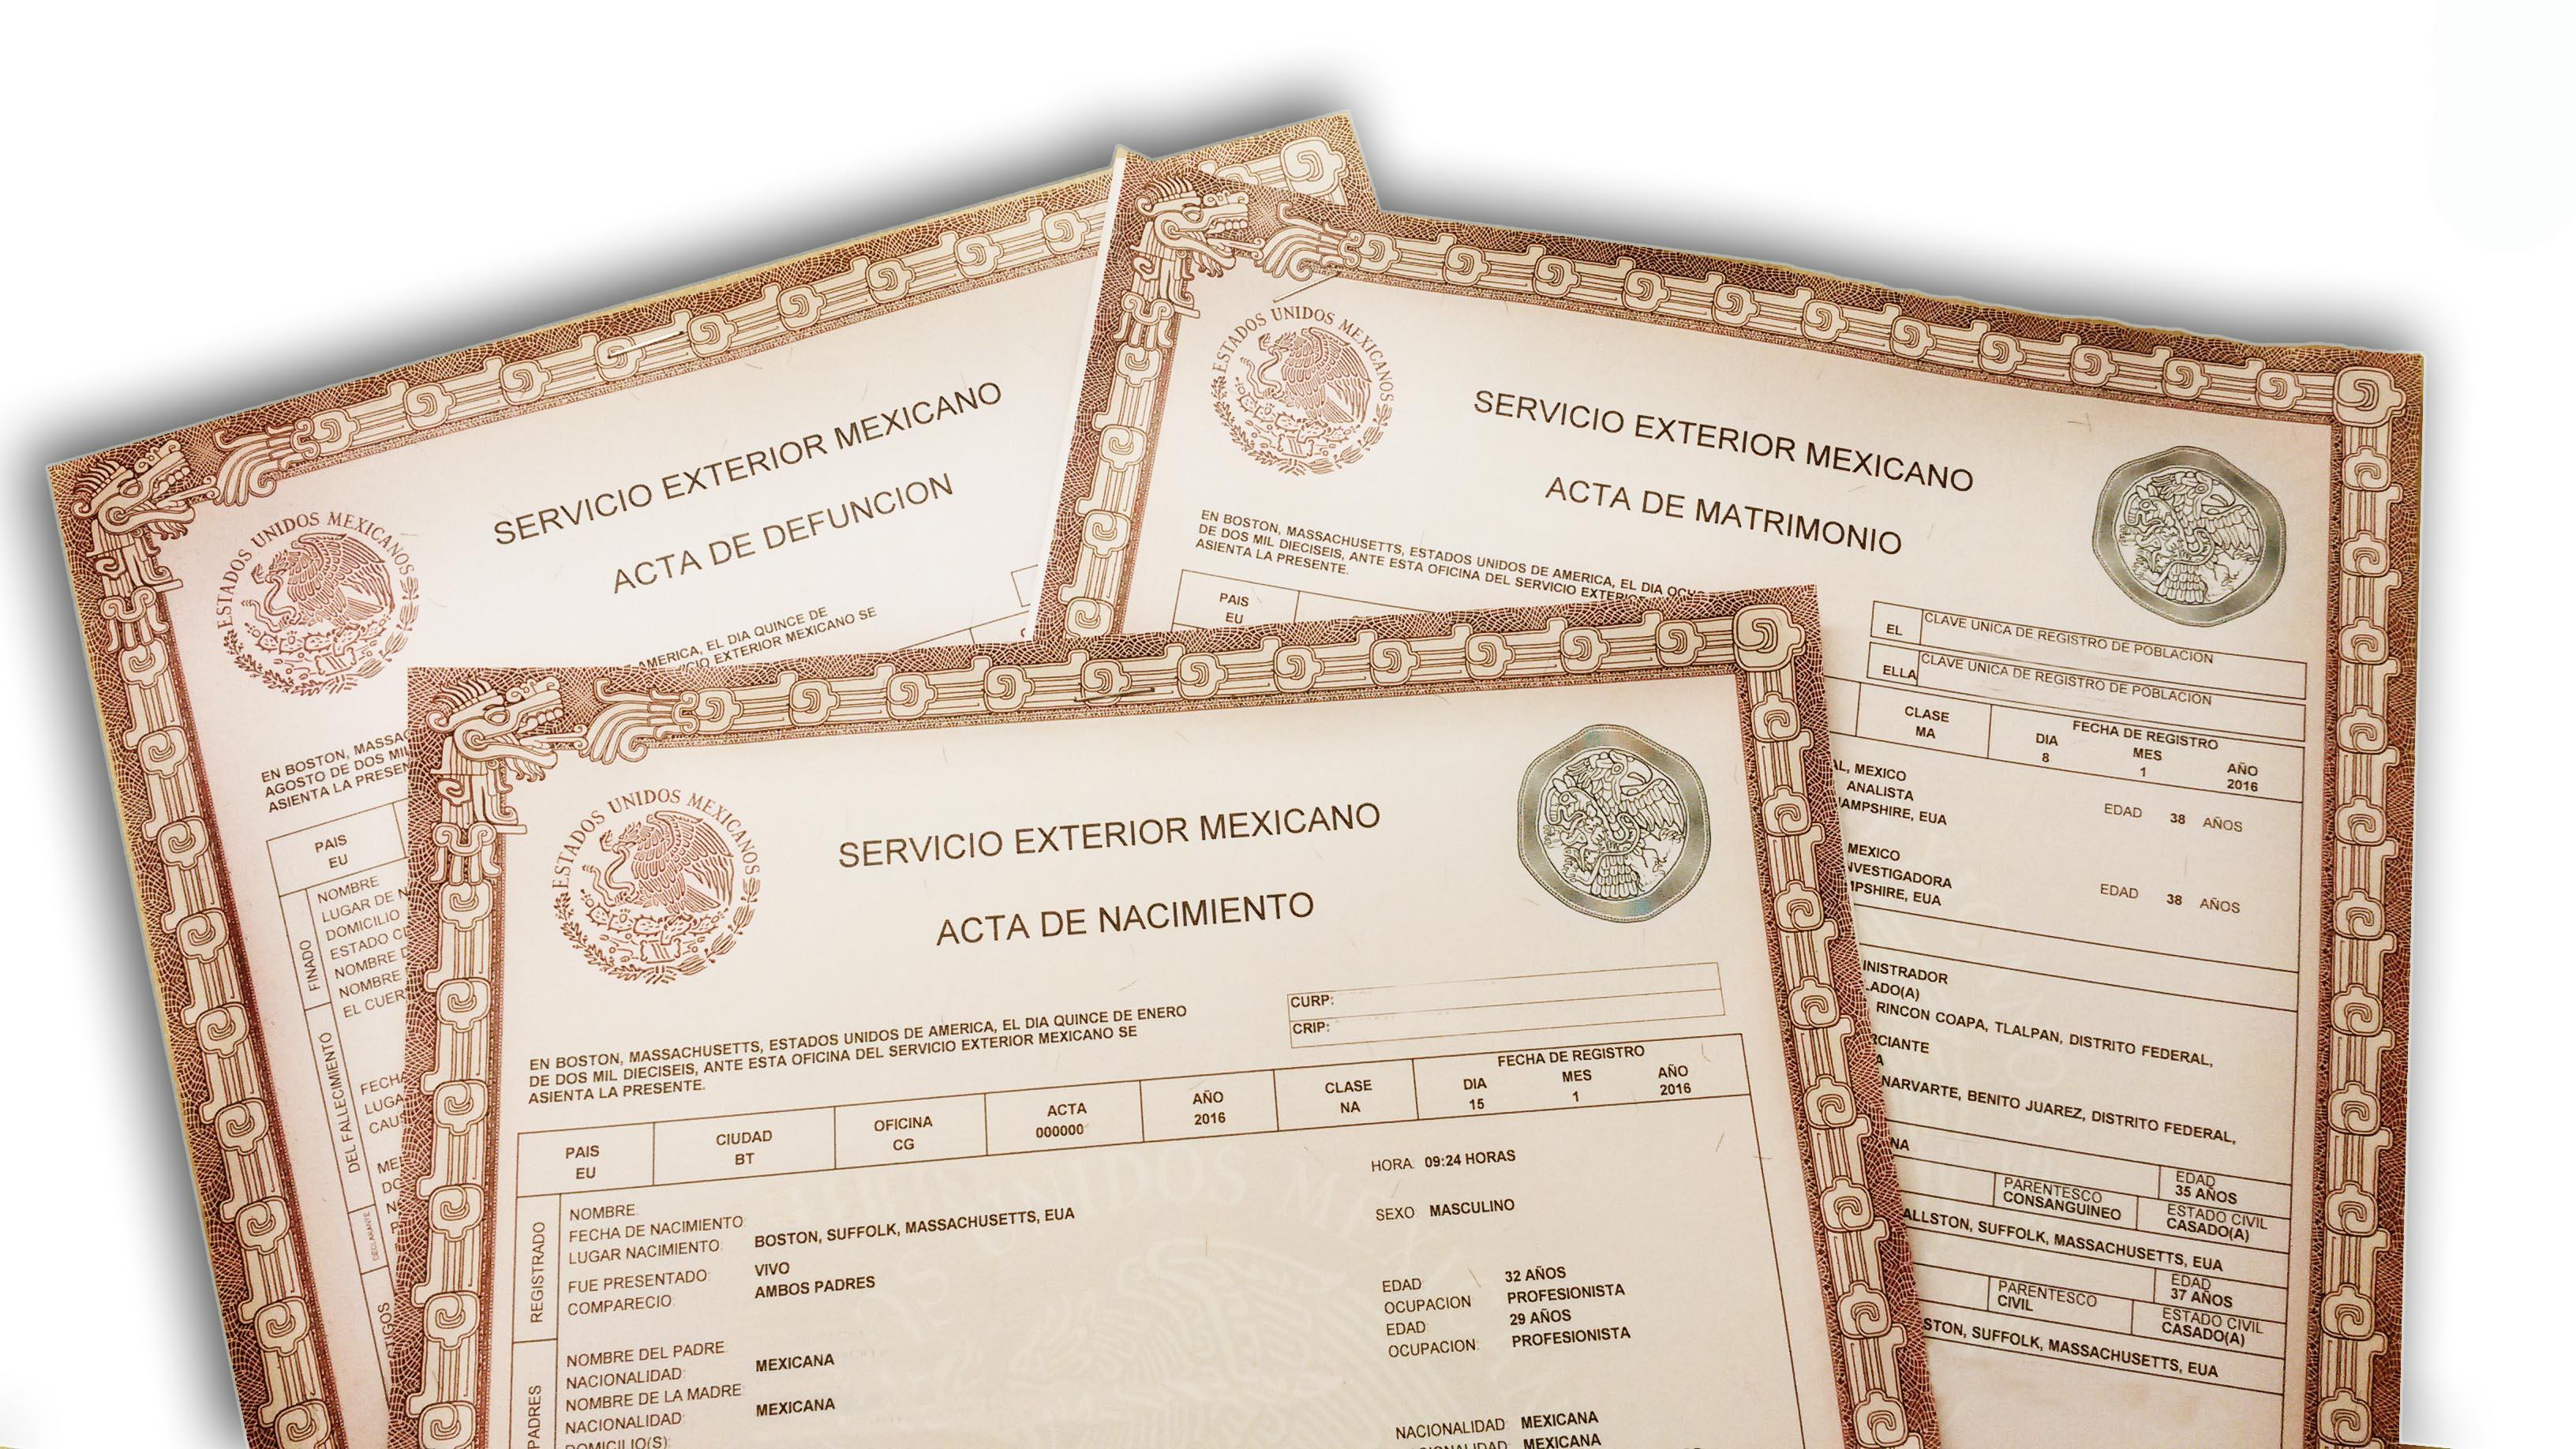 Único Certificado De Nacimiento Wichita Kansas Foto - Certificado ...